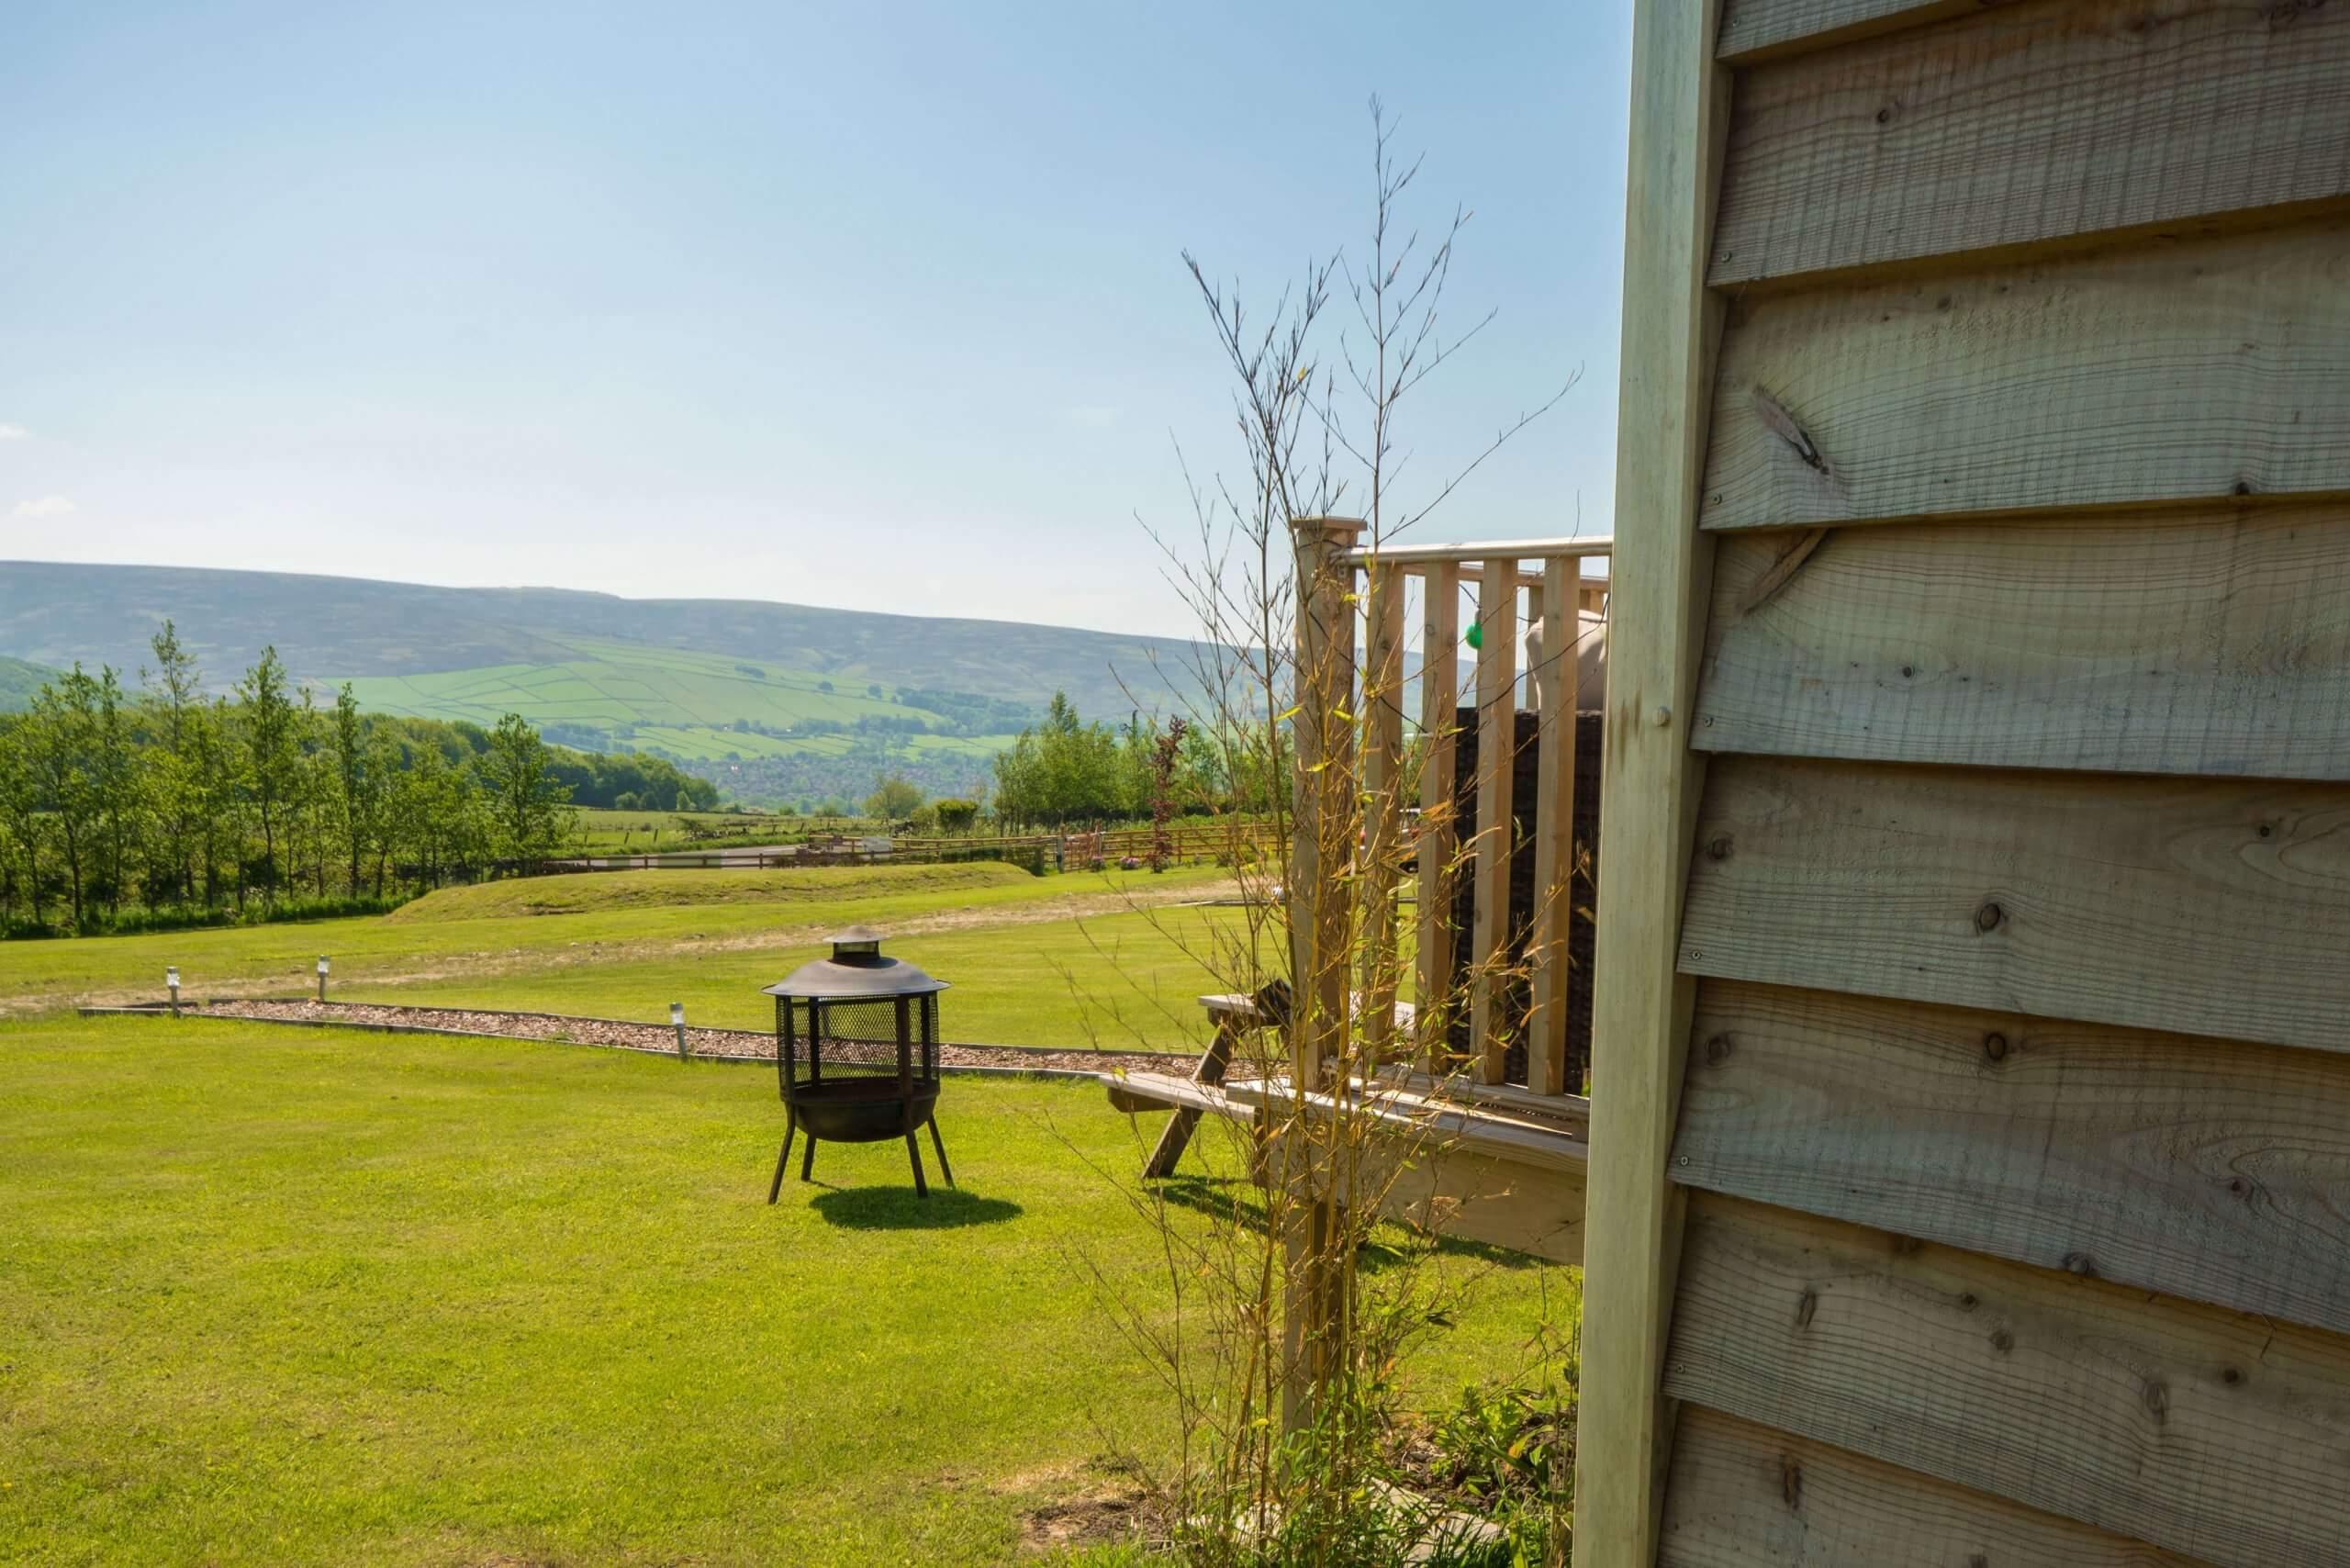 Erics Hut View 1